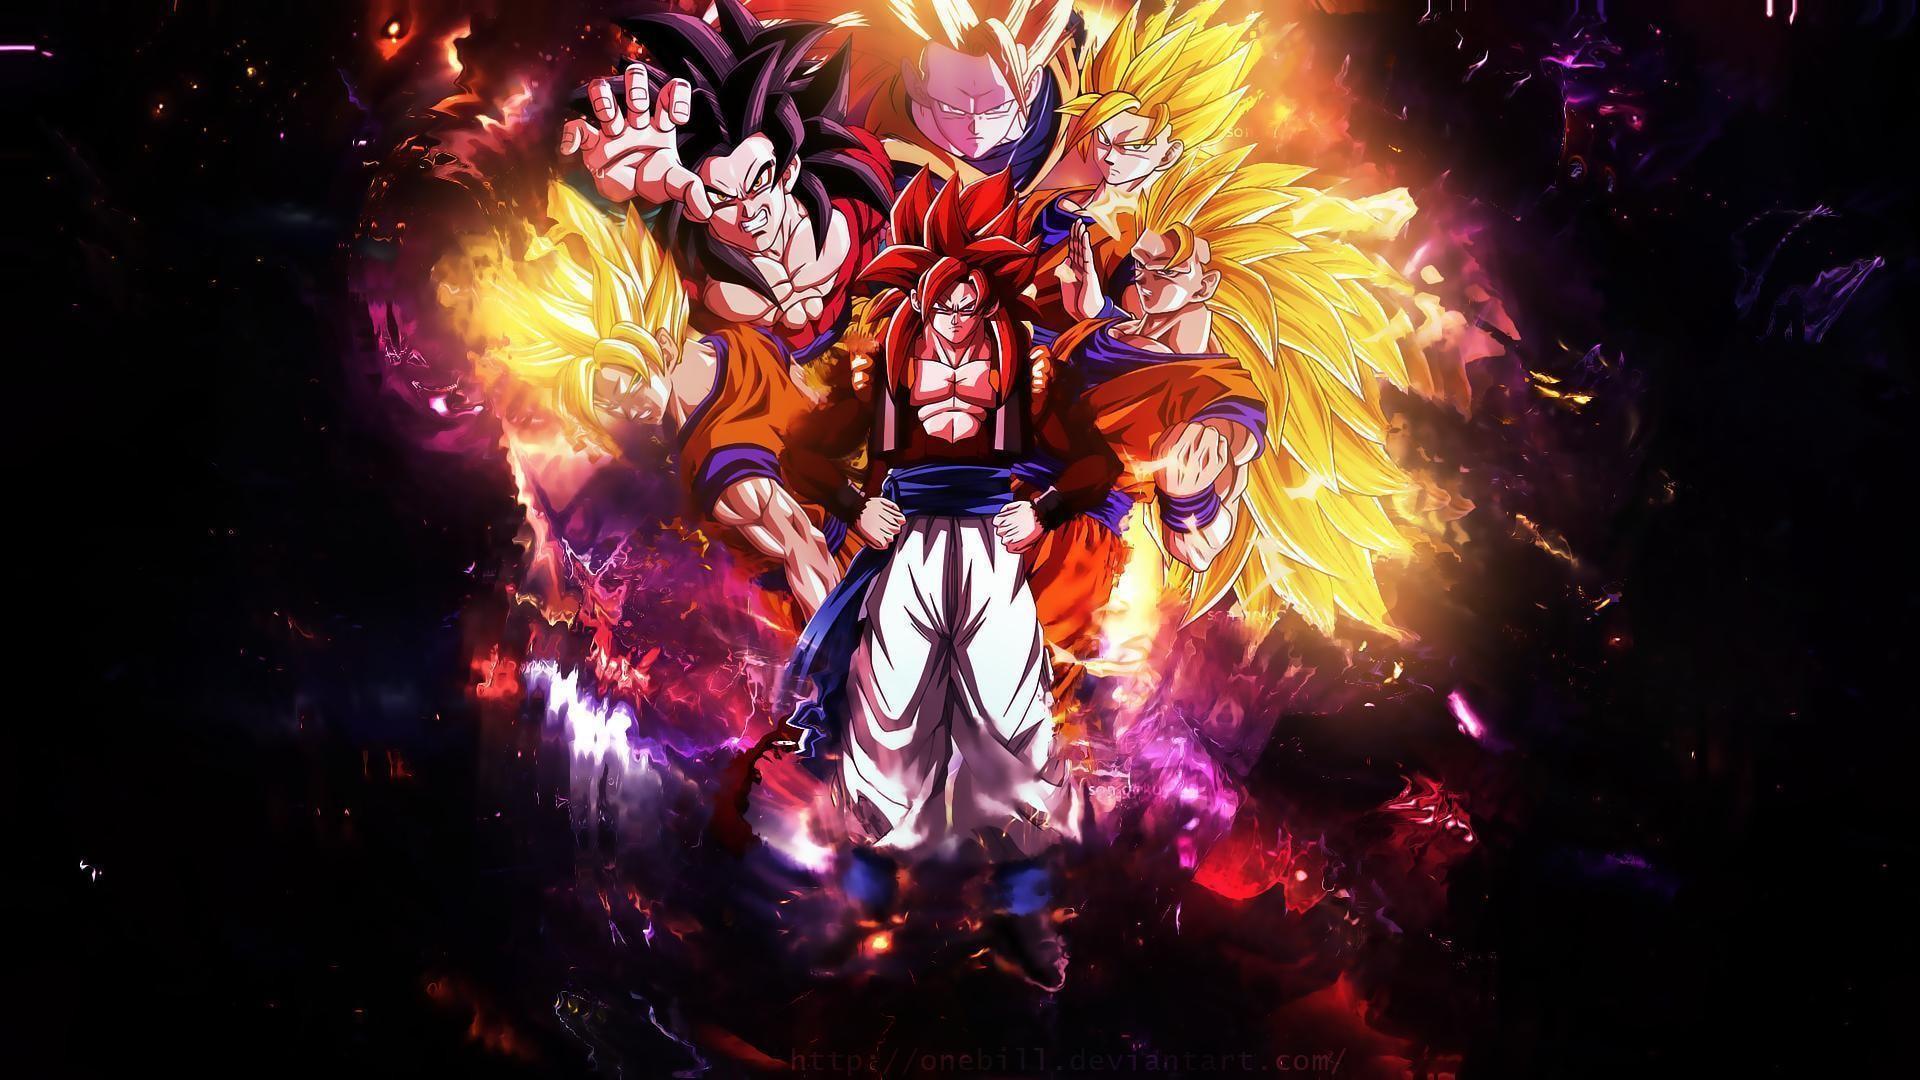 son goku wallpaper  Son Goku Wallpaper (65  pictures)